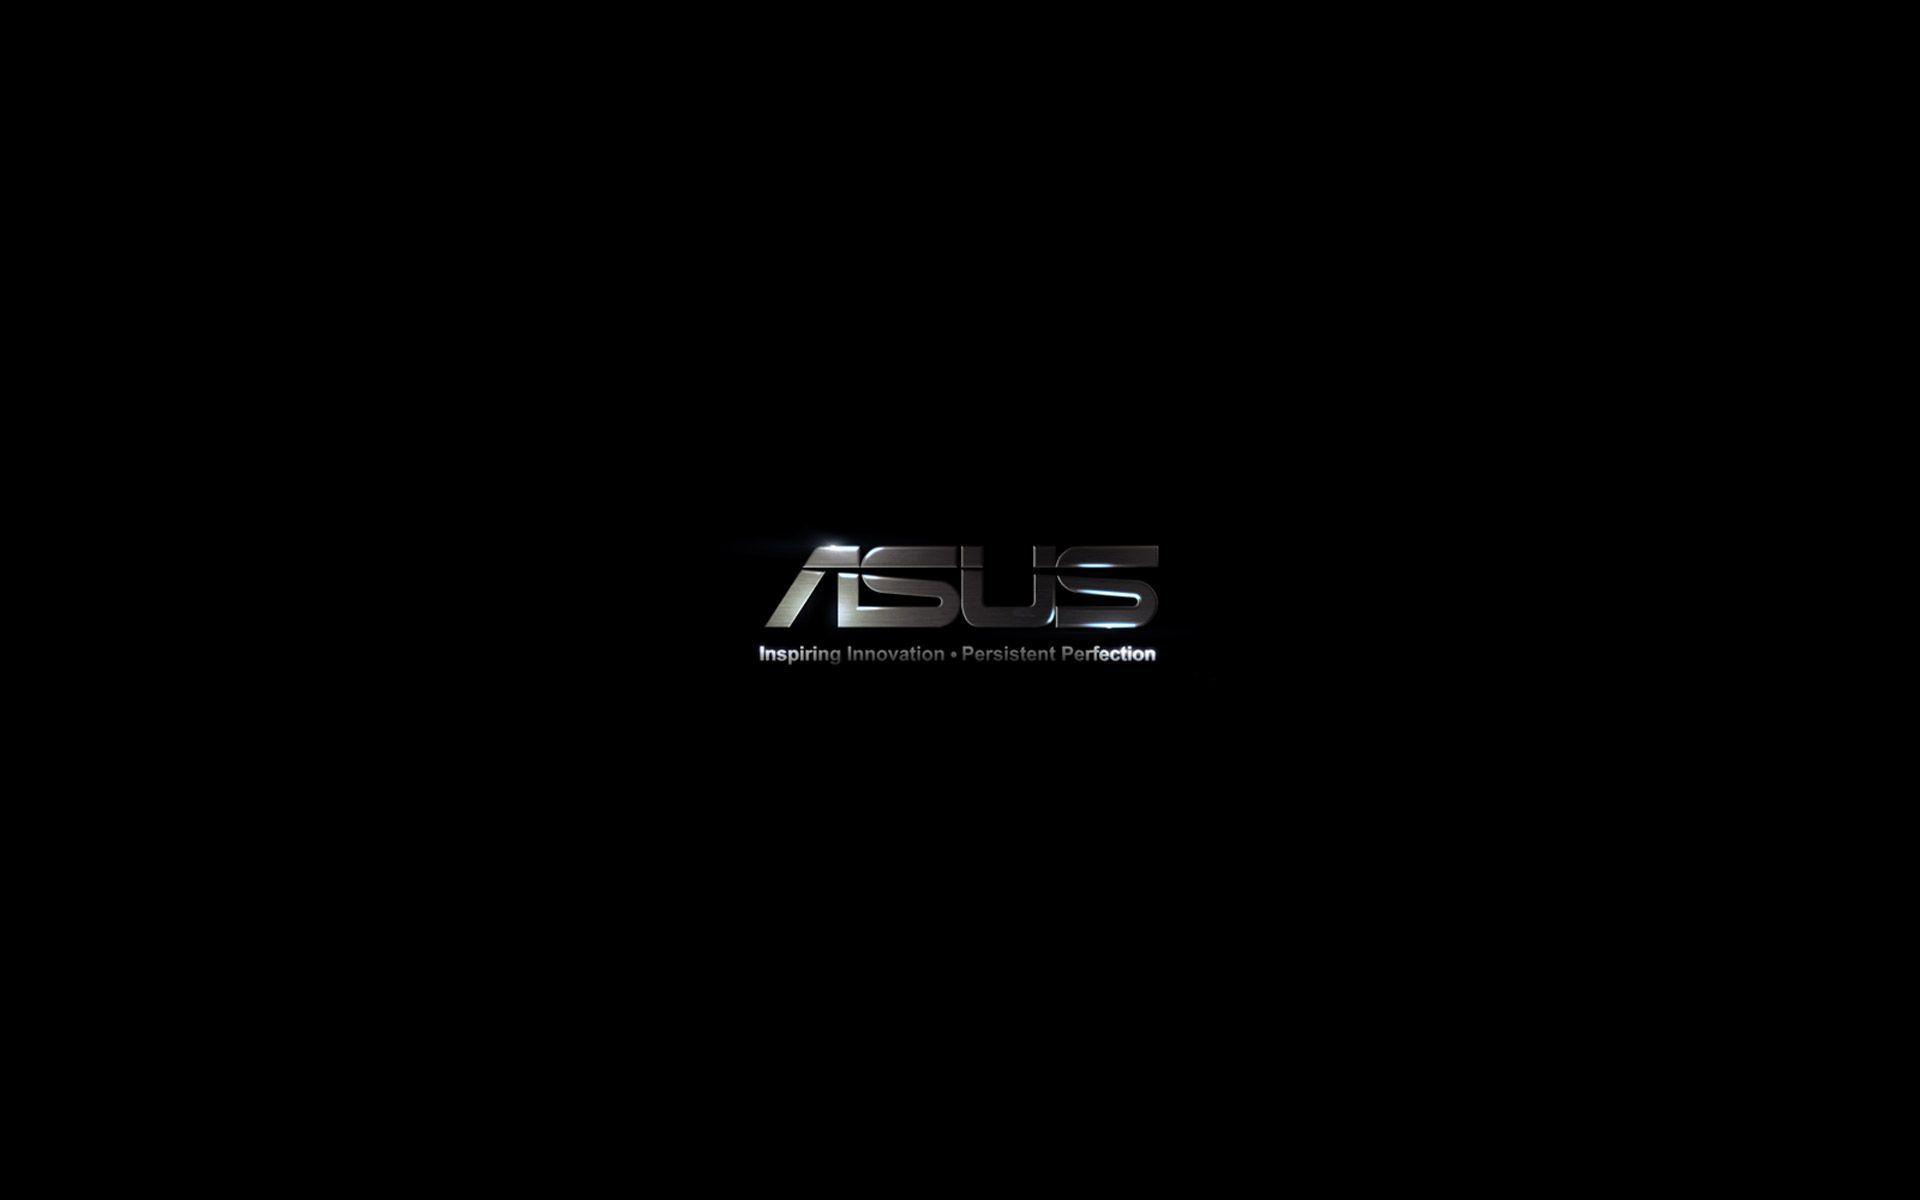 Asus Black Wallpaper: Asus Desktop Backgrounds